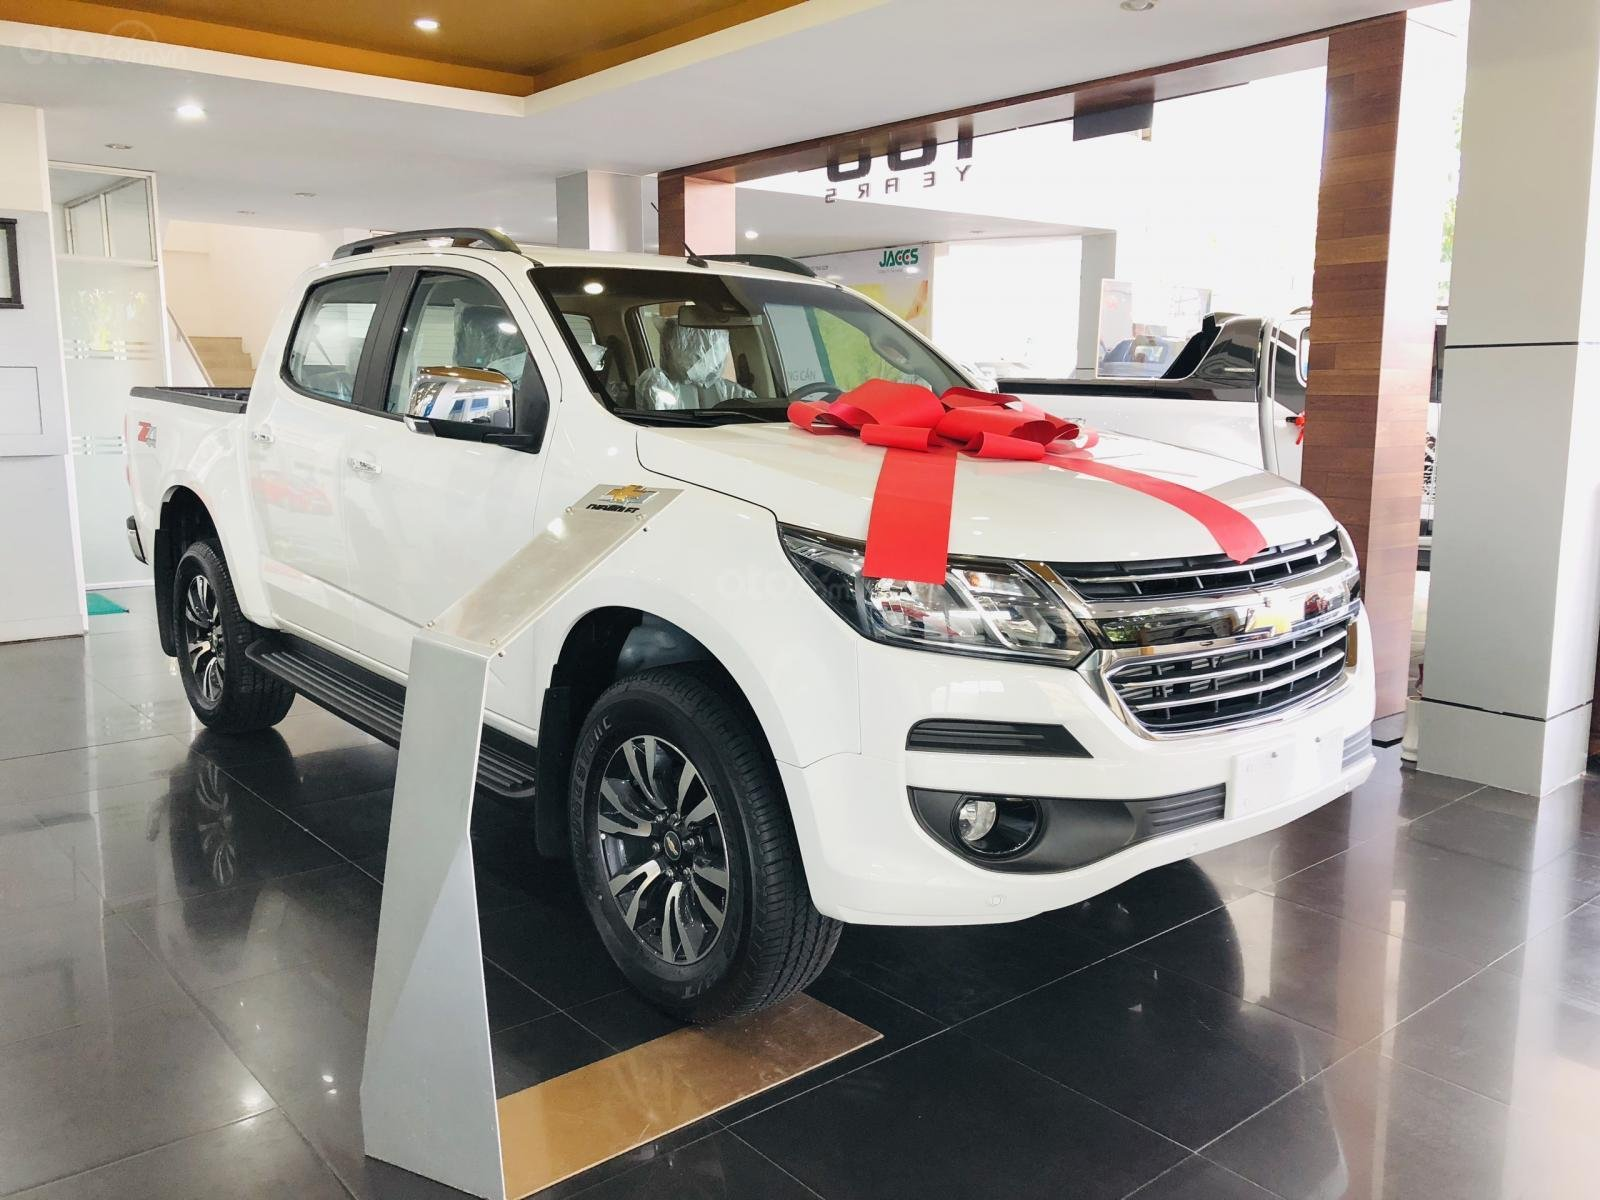 Bán Chevrolet Colorado nhập khẩu, 90Tr nhận xe, có bán trả góp, khuyến mãi lớn trong tháng-1